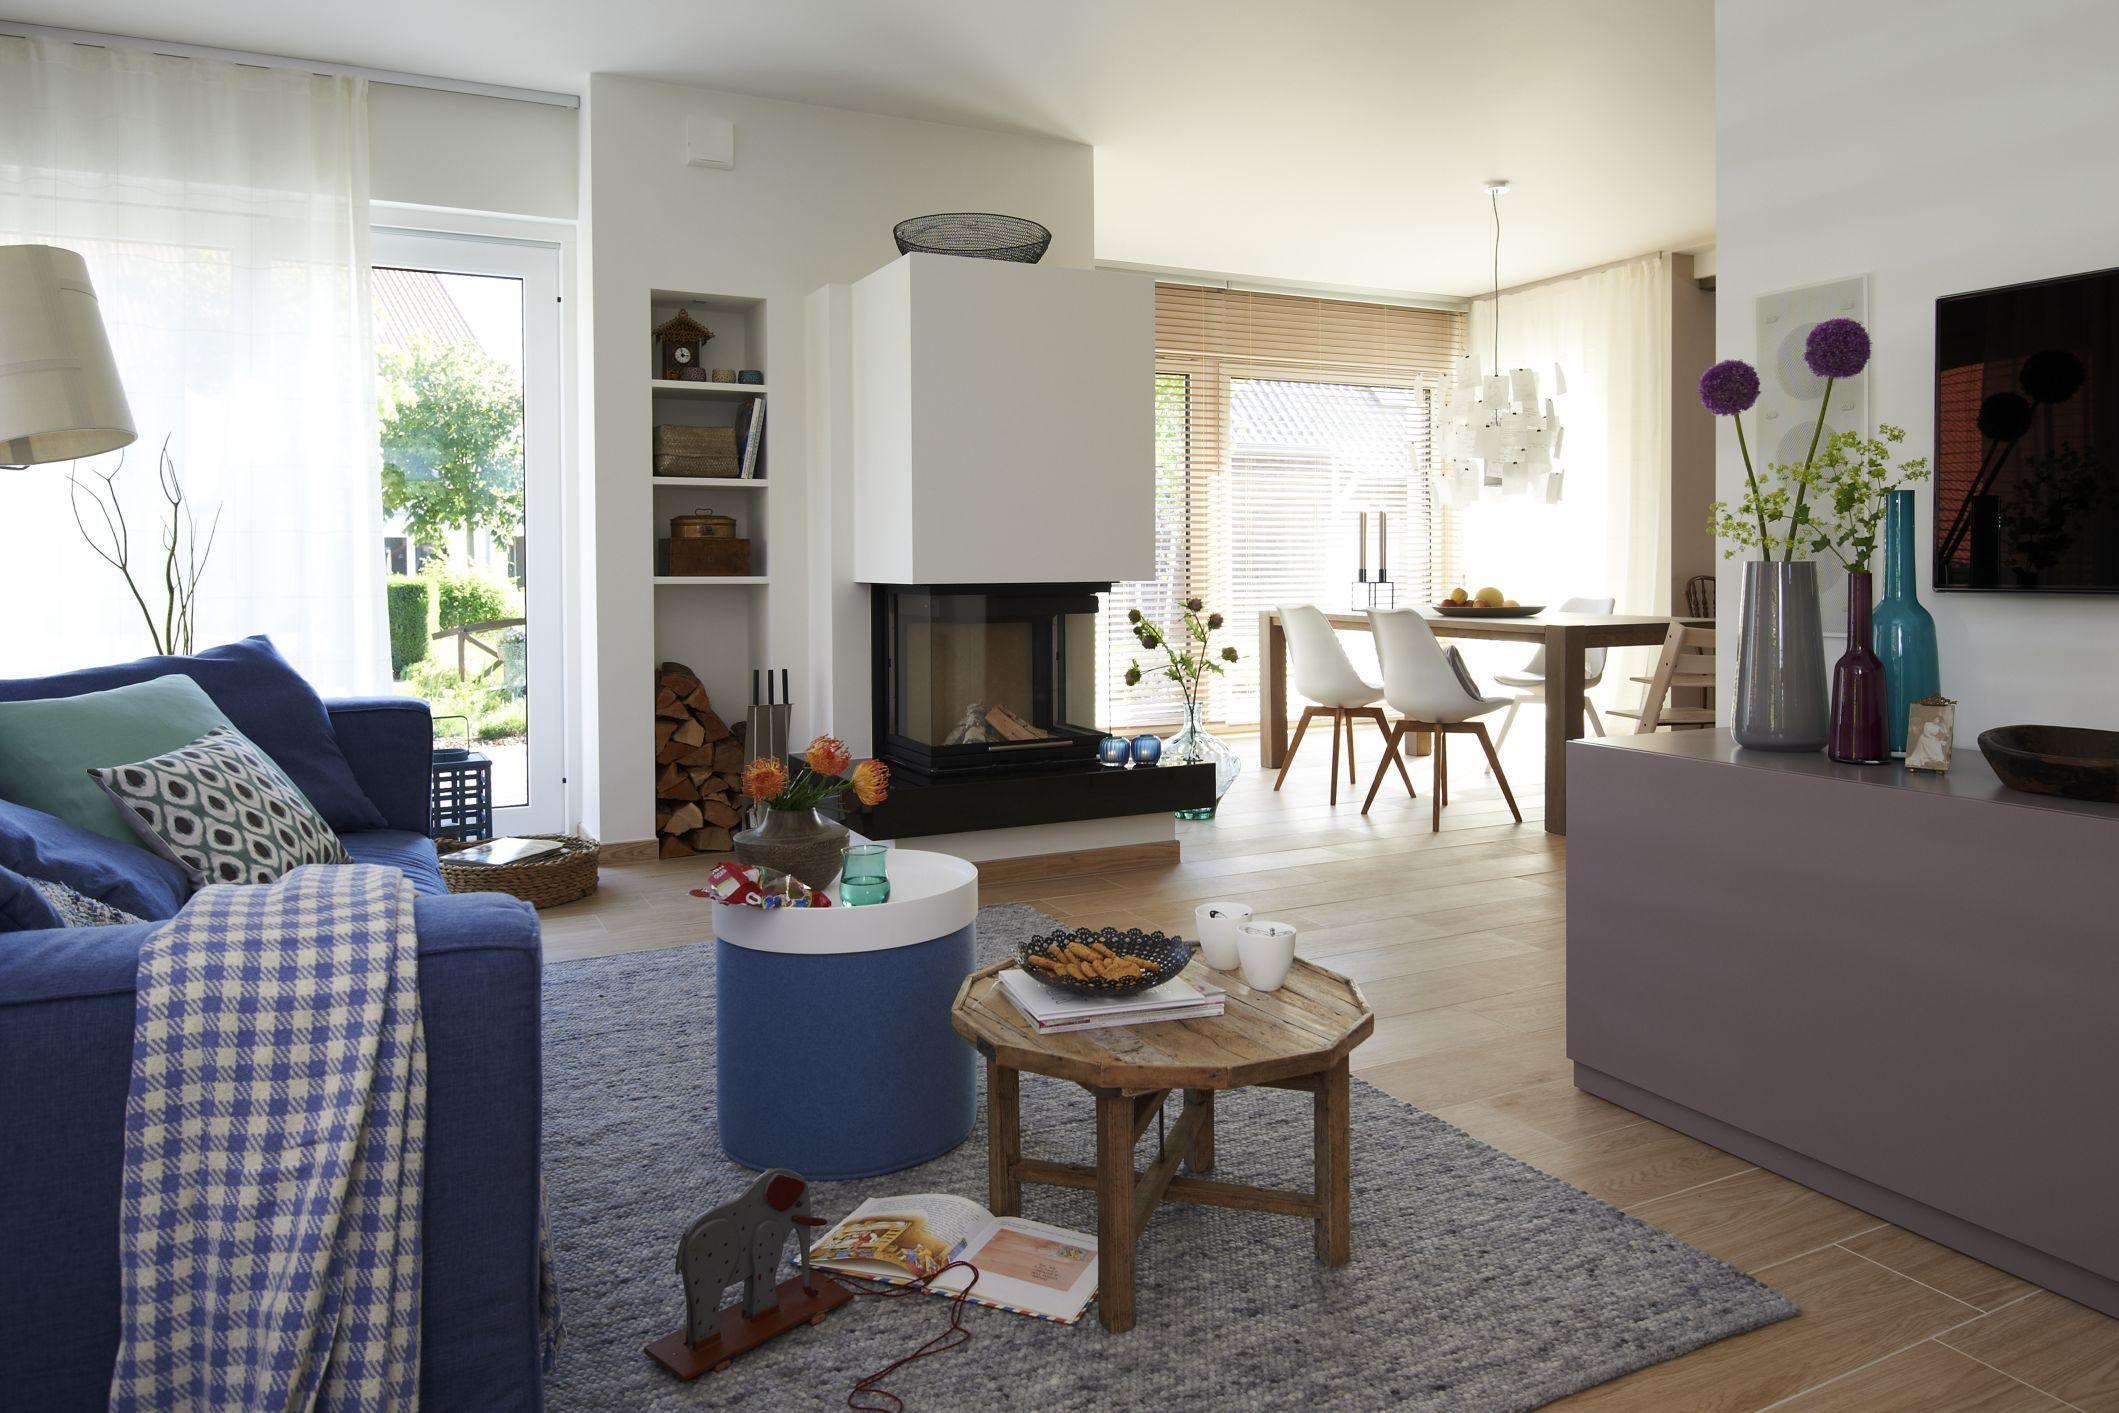 viebrockhaus edition 425 wohnidee haus das familienhaus wohn und essbereich kamin. Black Bedroom Furniture Sets. Home Design Ideas